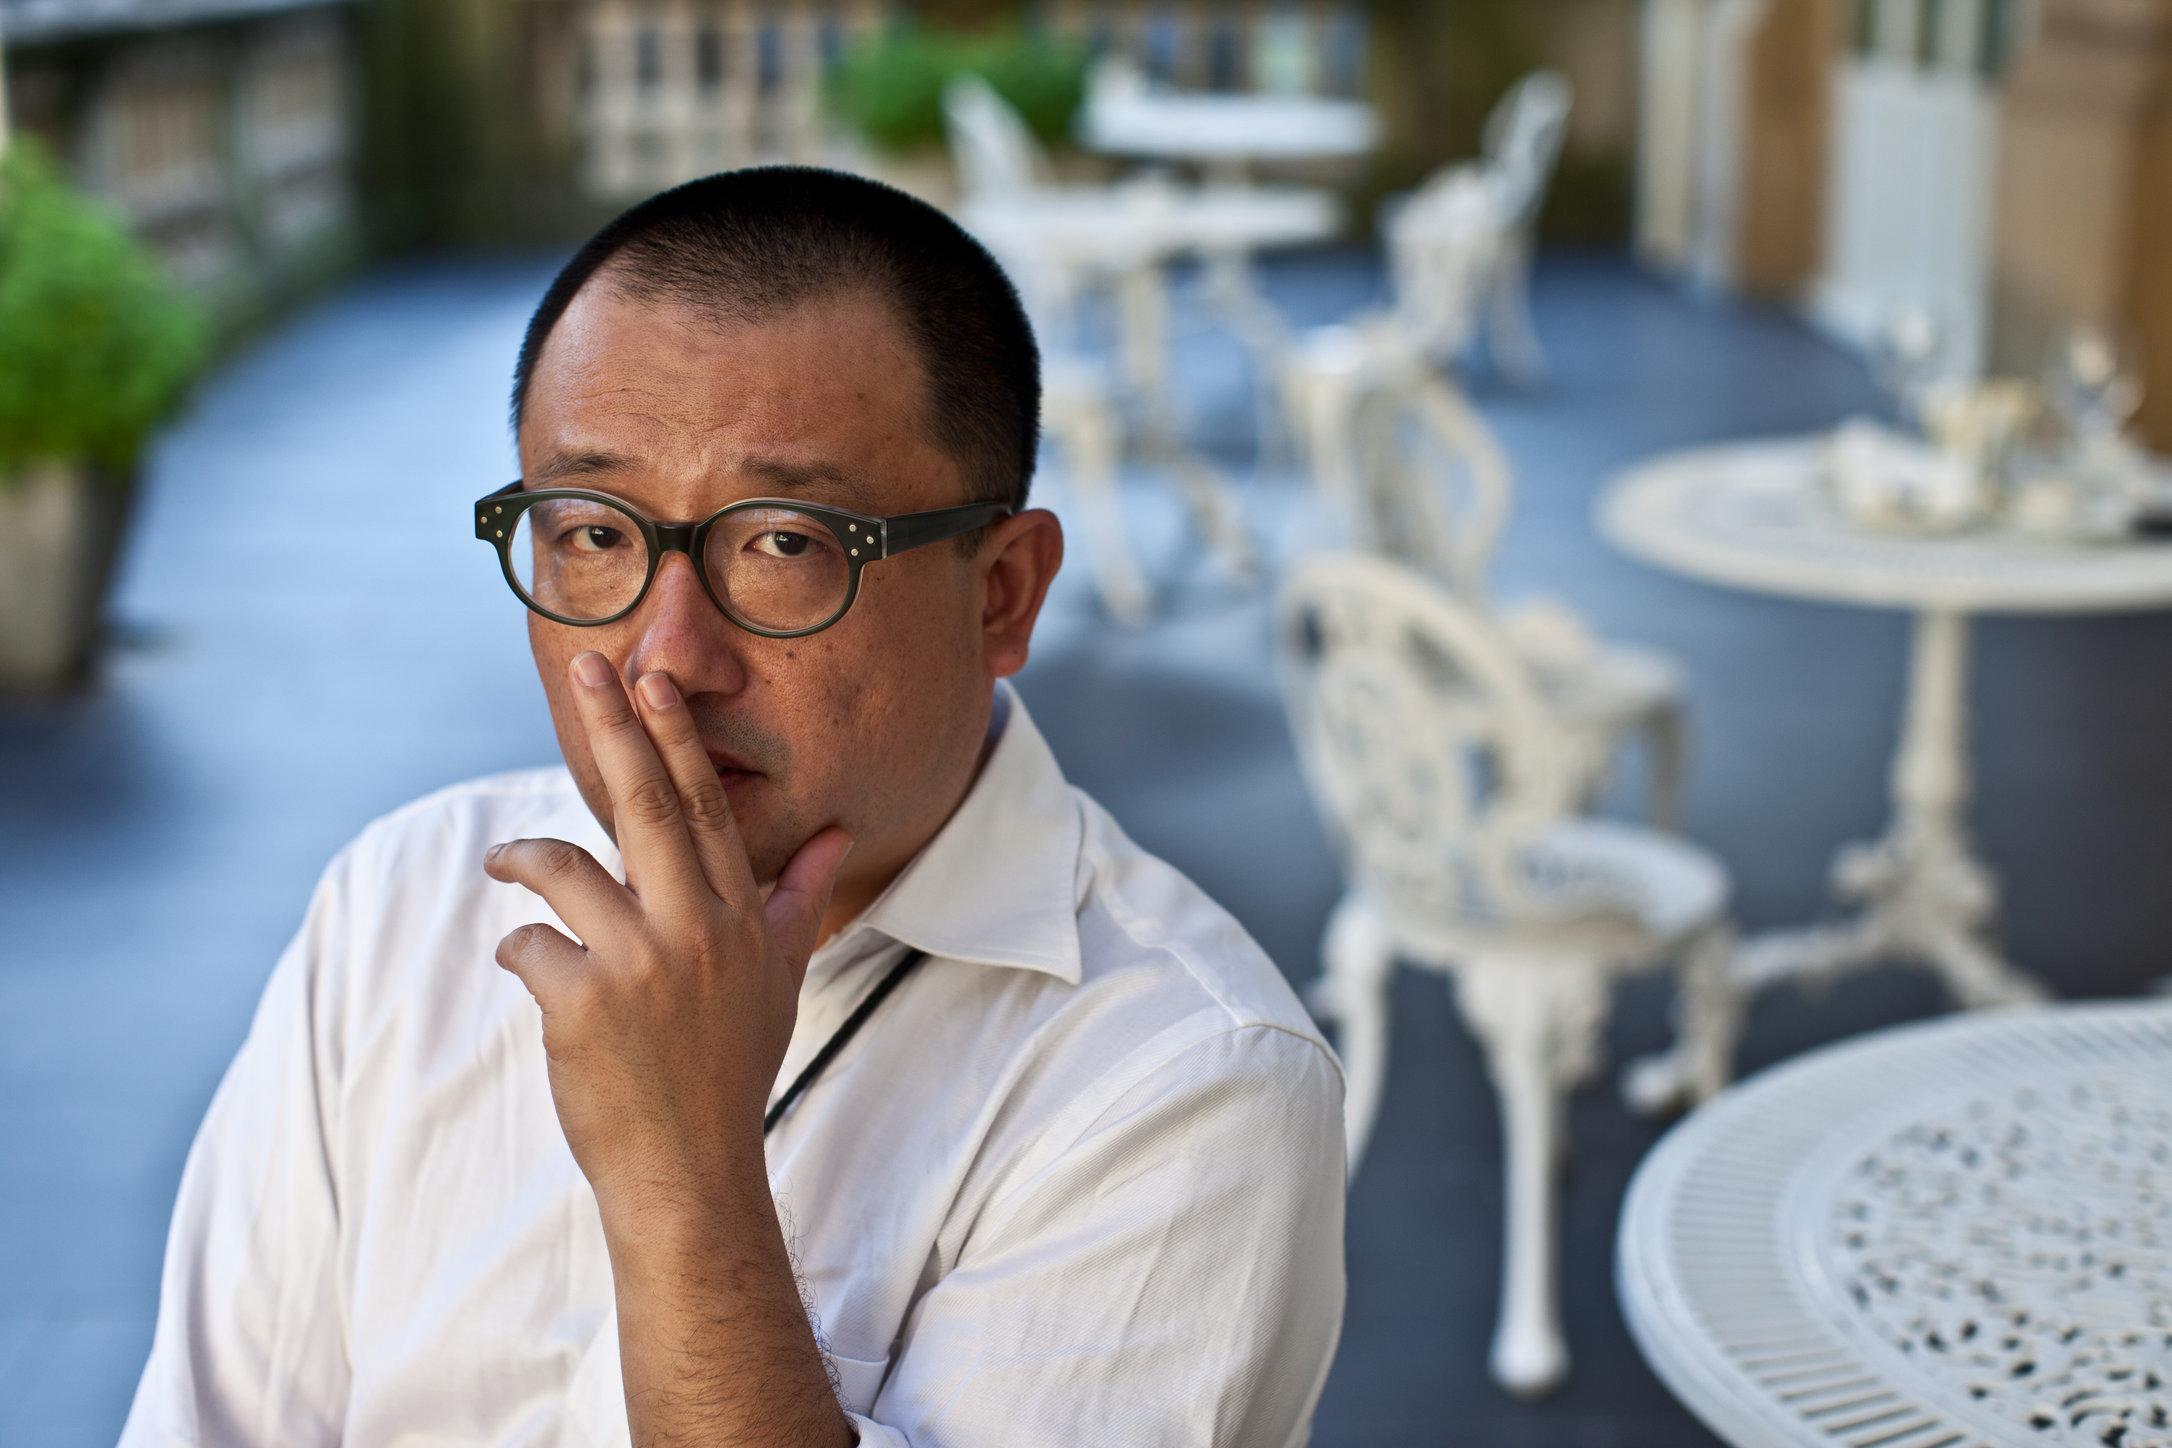 wang xiaoshuai, director